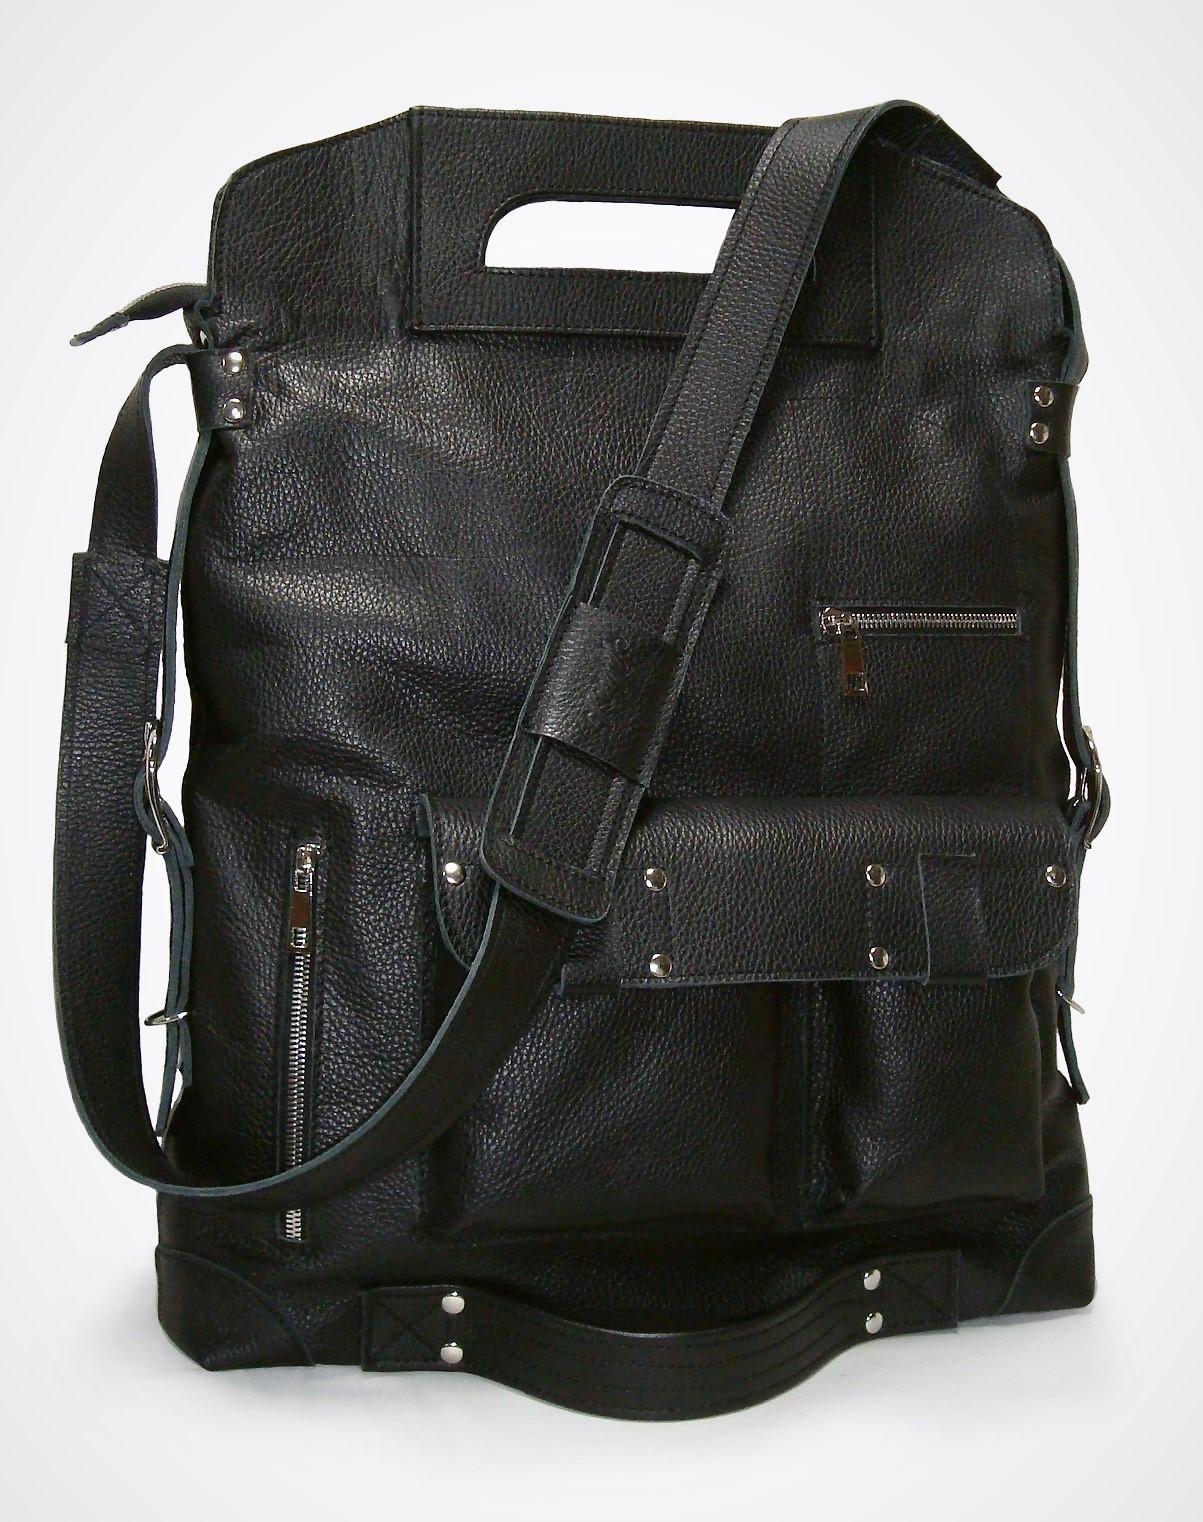 Муж. сумка  Модель № 4-5  - Прочий текстиль артикул: 21940